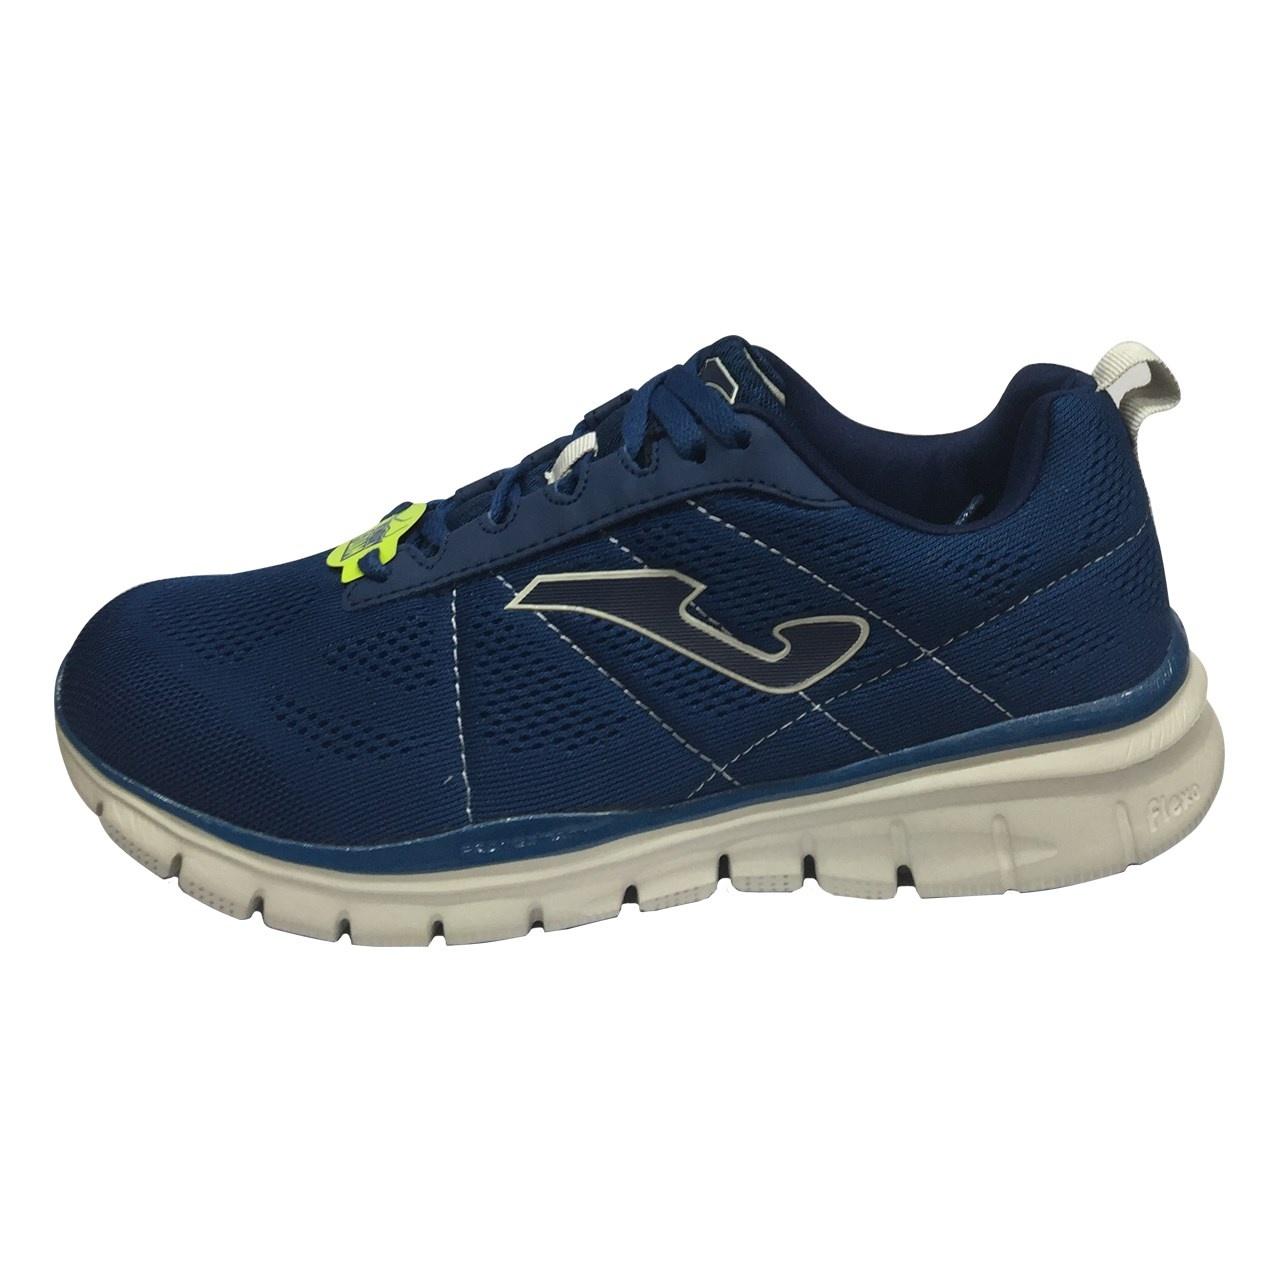 کفش مخصوص پیاده روی مردانه جوما مدل TEMPO 603